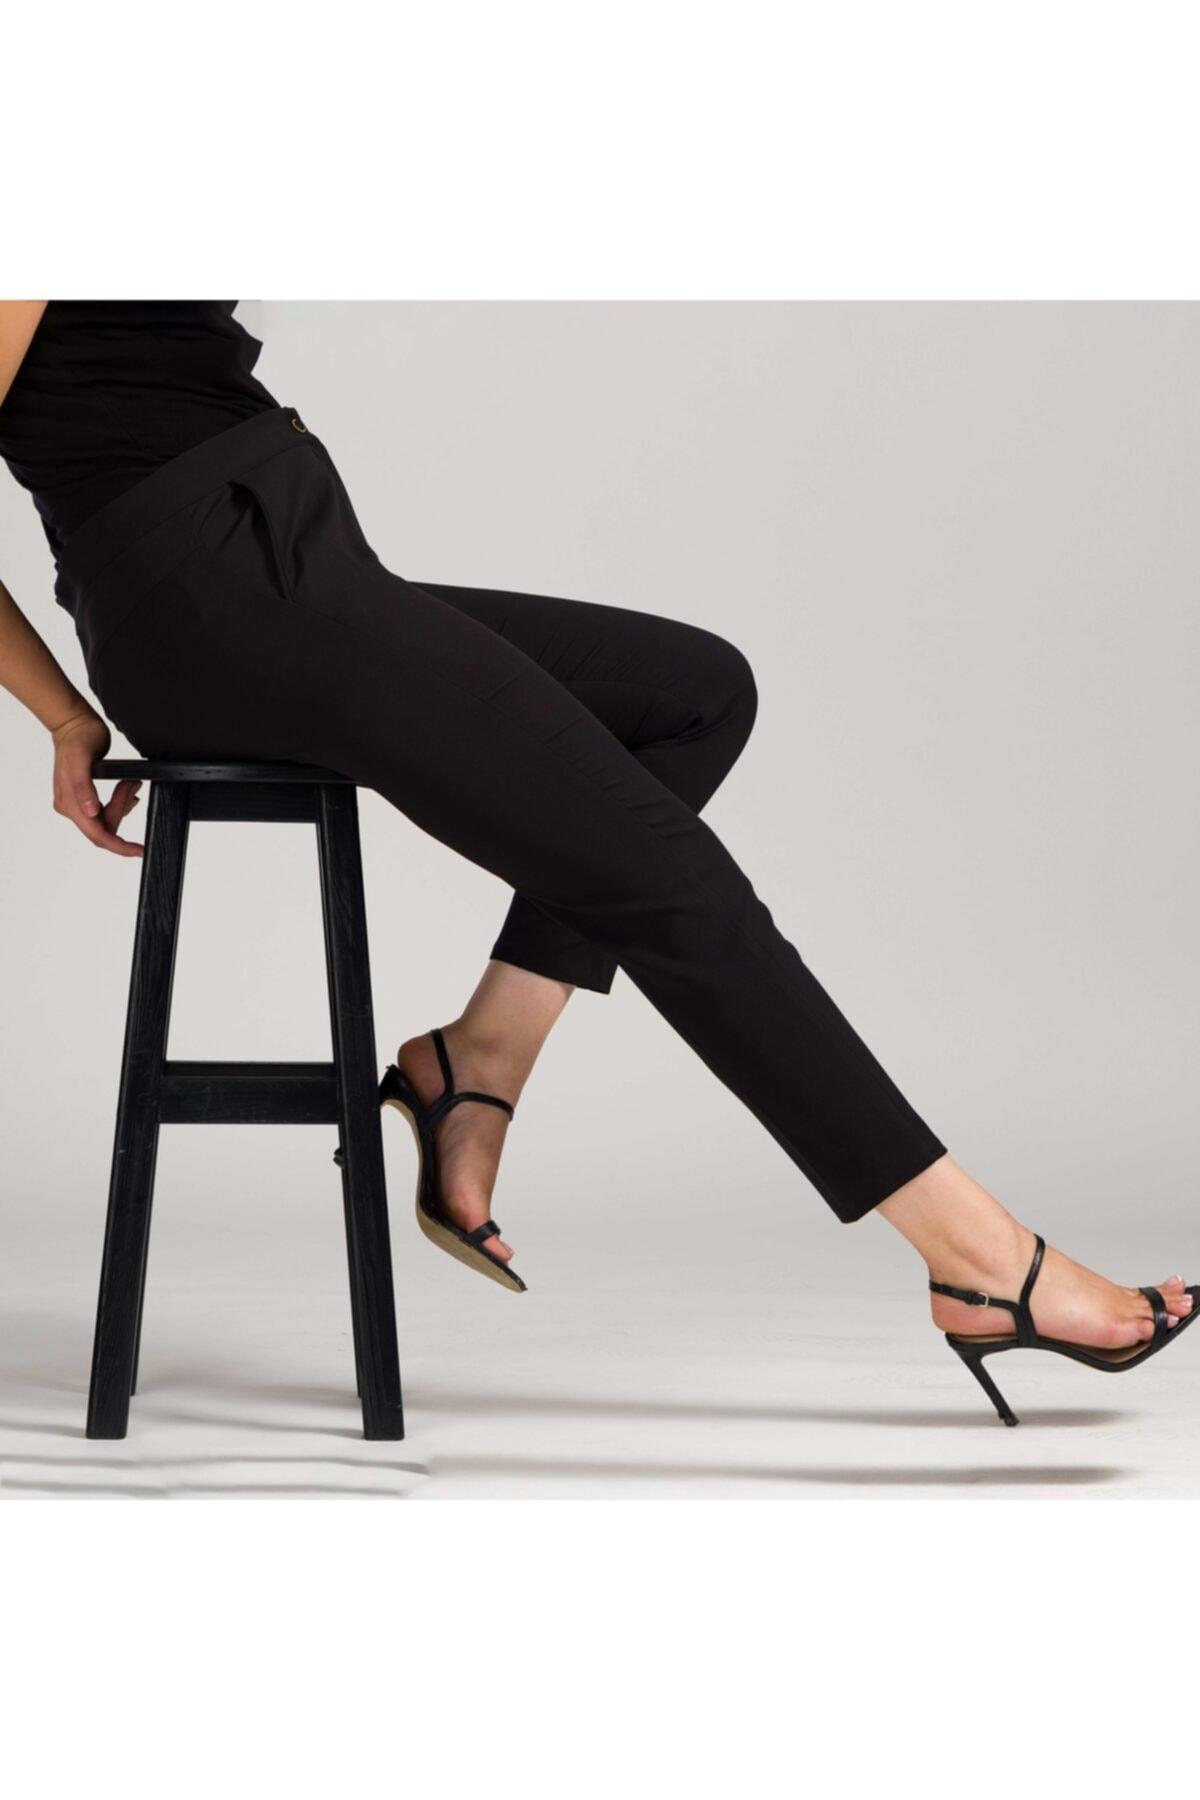 MODAMAİSA Kadın Siyah Dar Bilek Pantolon 1